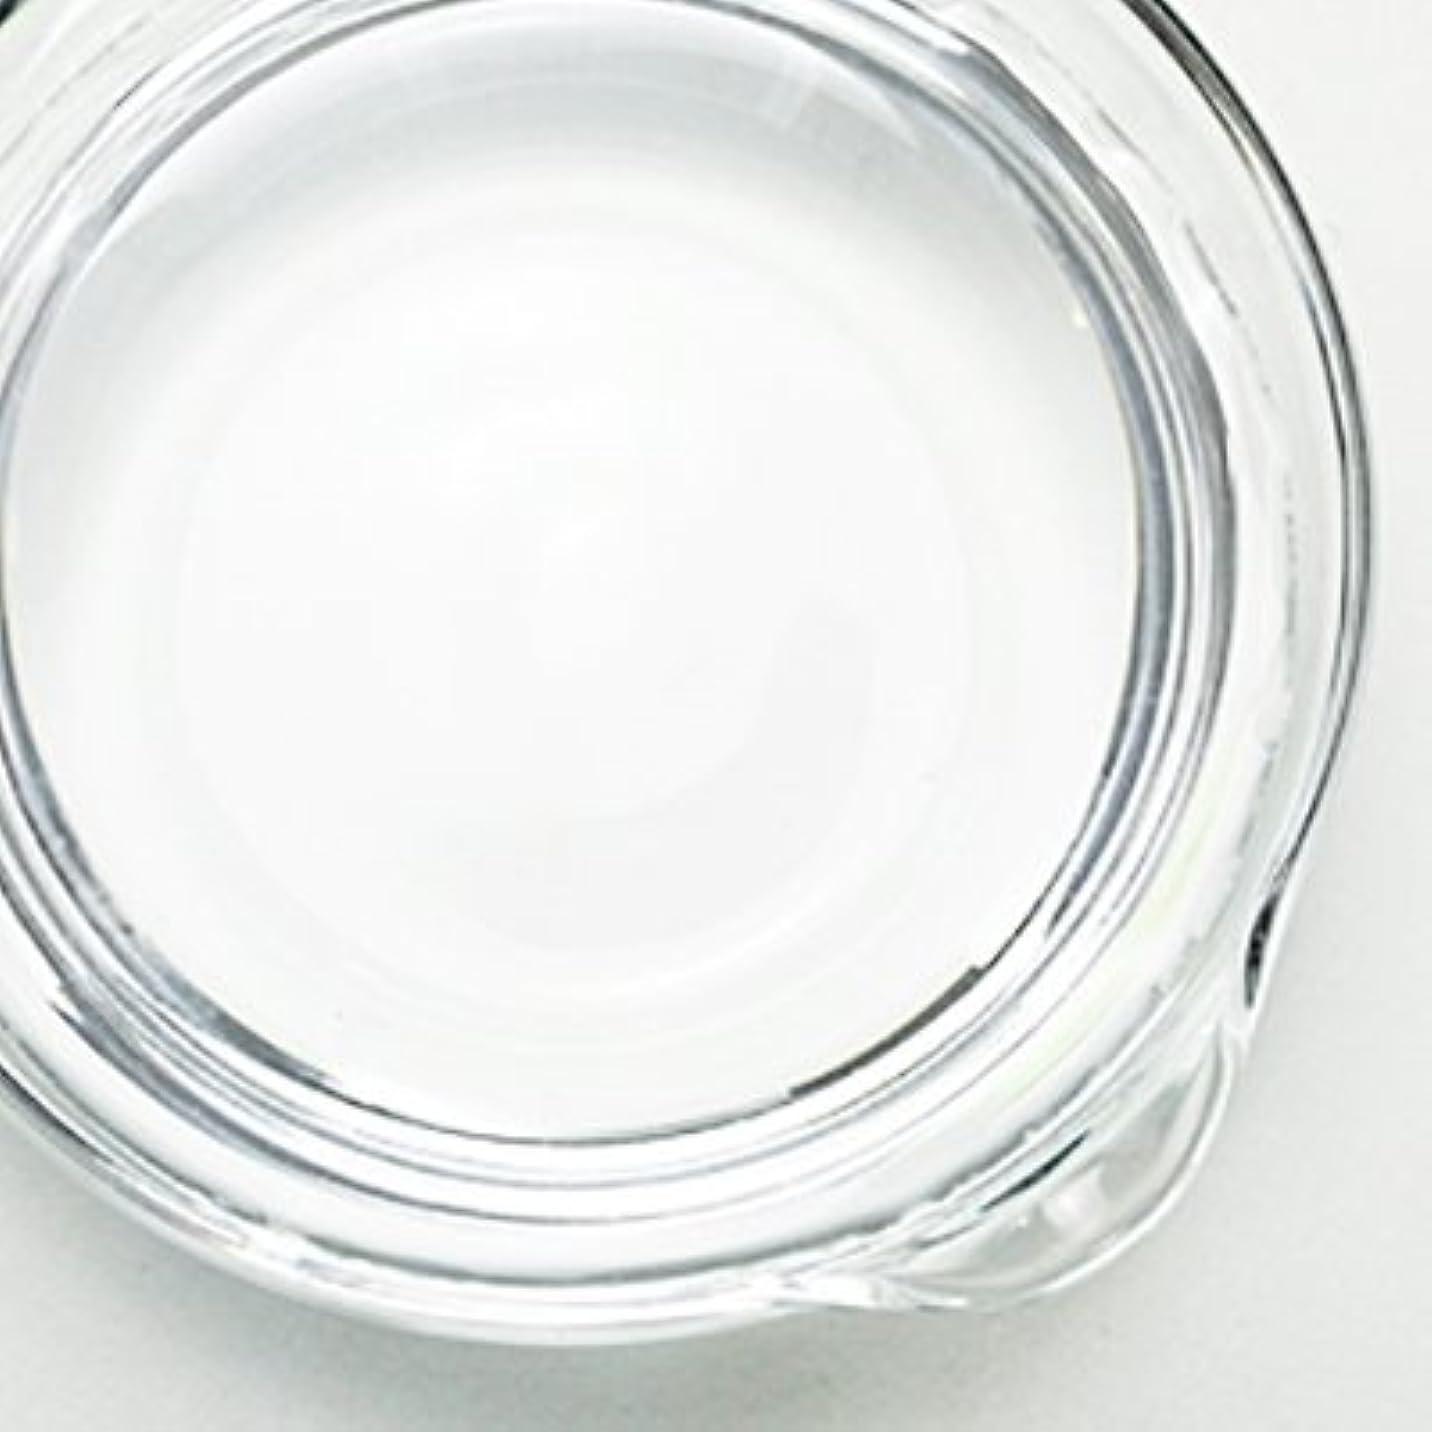 照らす硬さポインタ1,3-ブチレングリコール[BG] 50ml 【手作り石鹸/手作りコスメ】